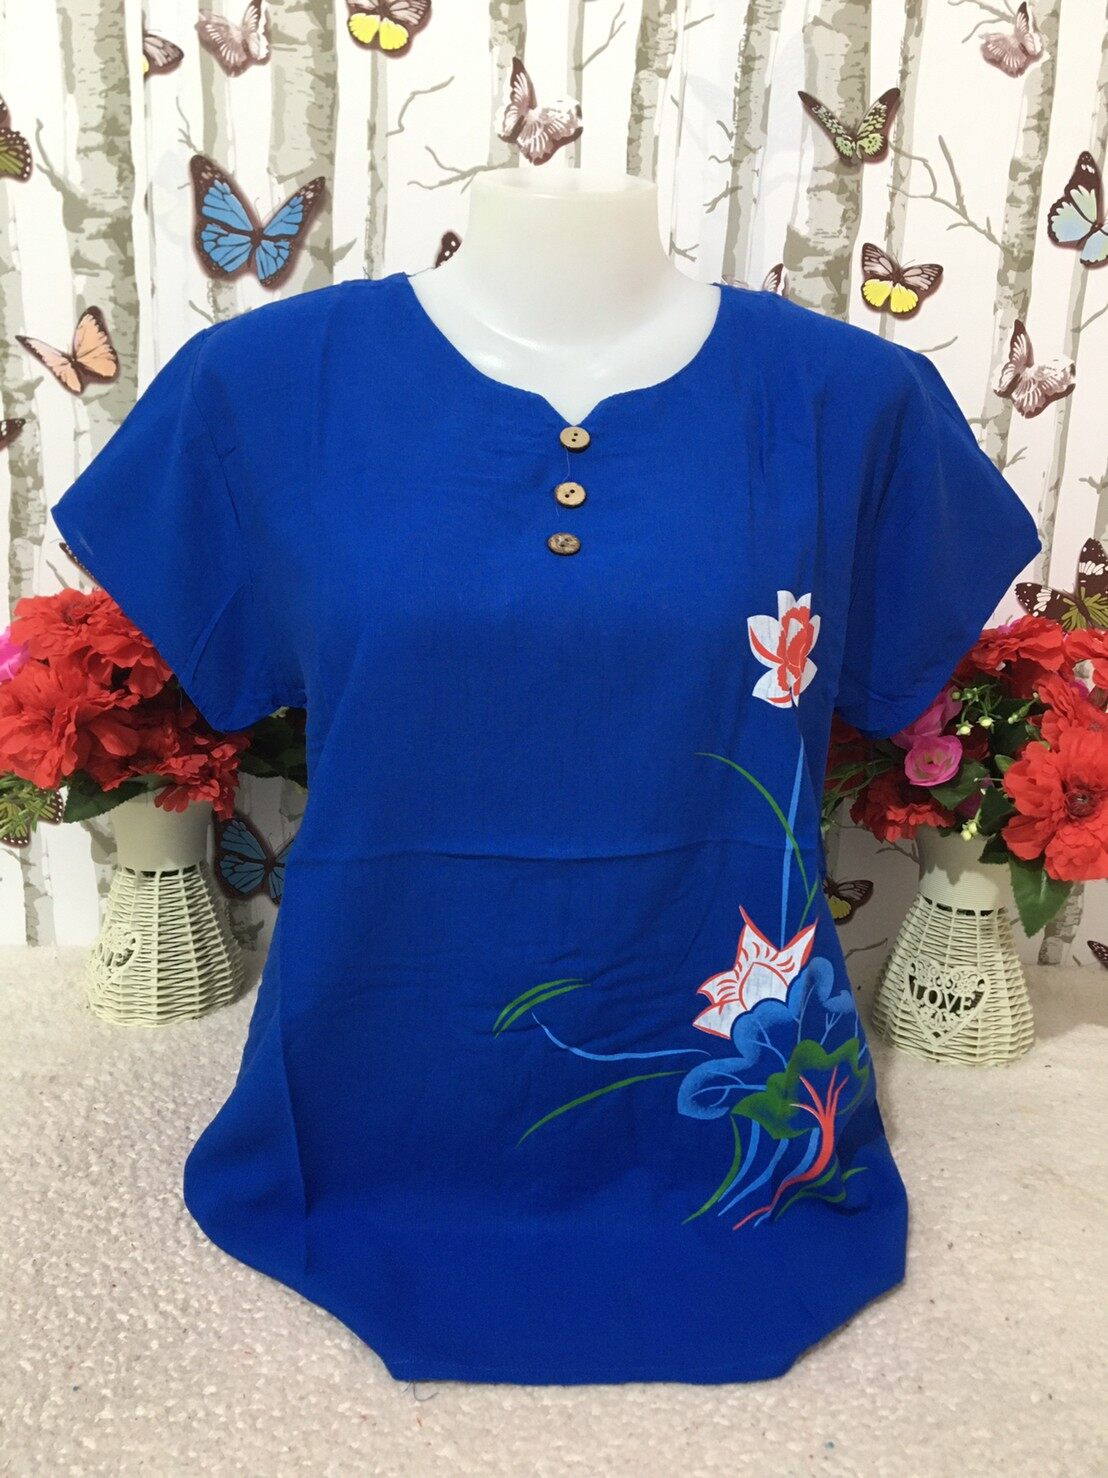 เสื้อผู้หญิง เสื้อผ้าสปัน รอบอก38-44นิ้ว เสื้อแขนสั้น เสื้อผ้าสาวอวบ เสื้อผ้าแฟชั่นผู้หญิง รุ่น001